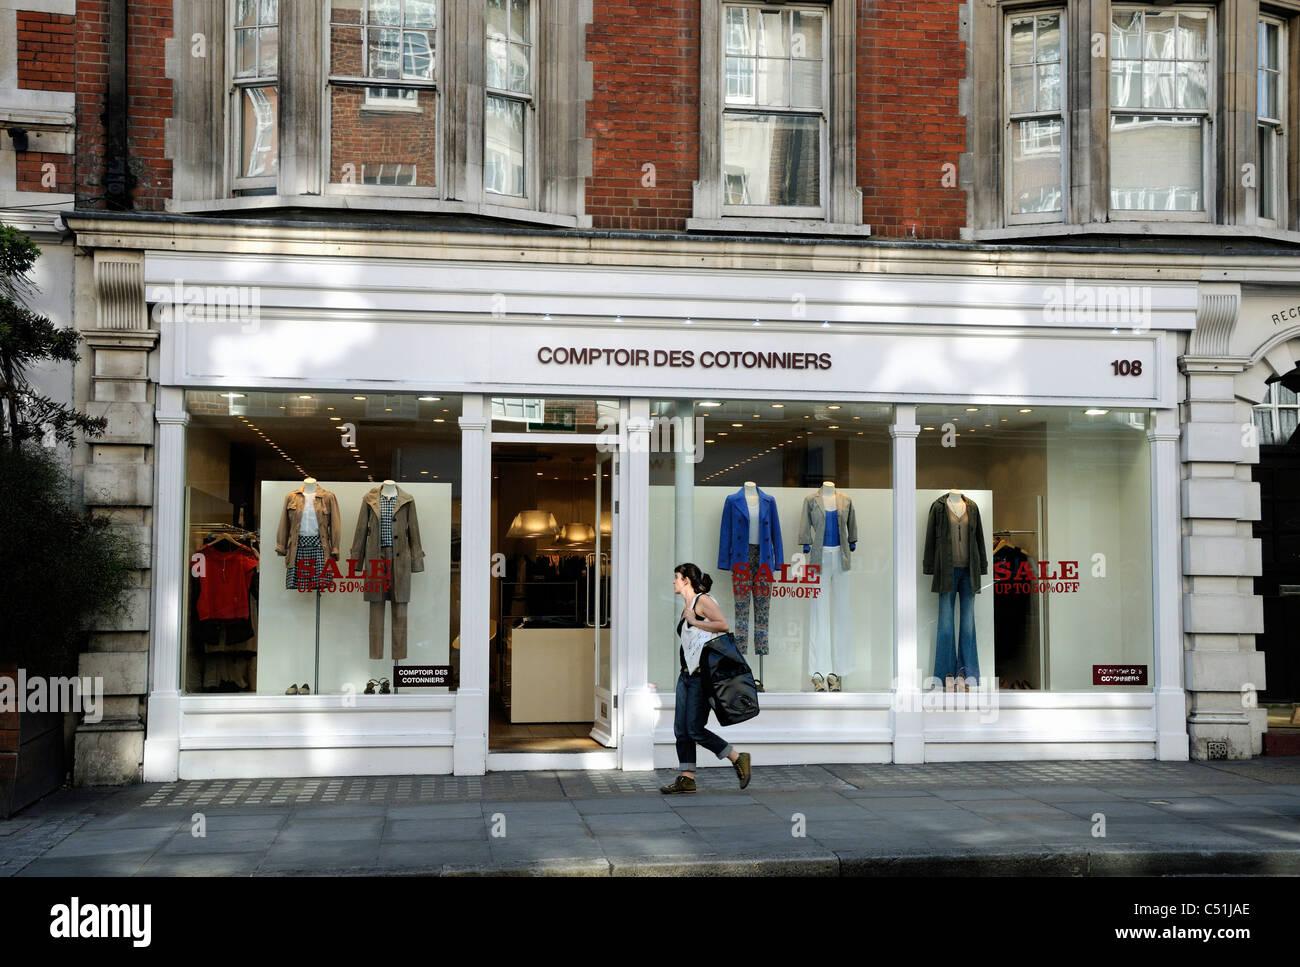 Comptoir Des Cotonniers Stock Photos Comptoir Des Cotonniers Stock